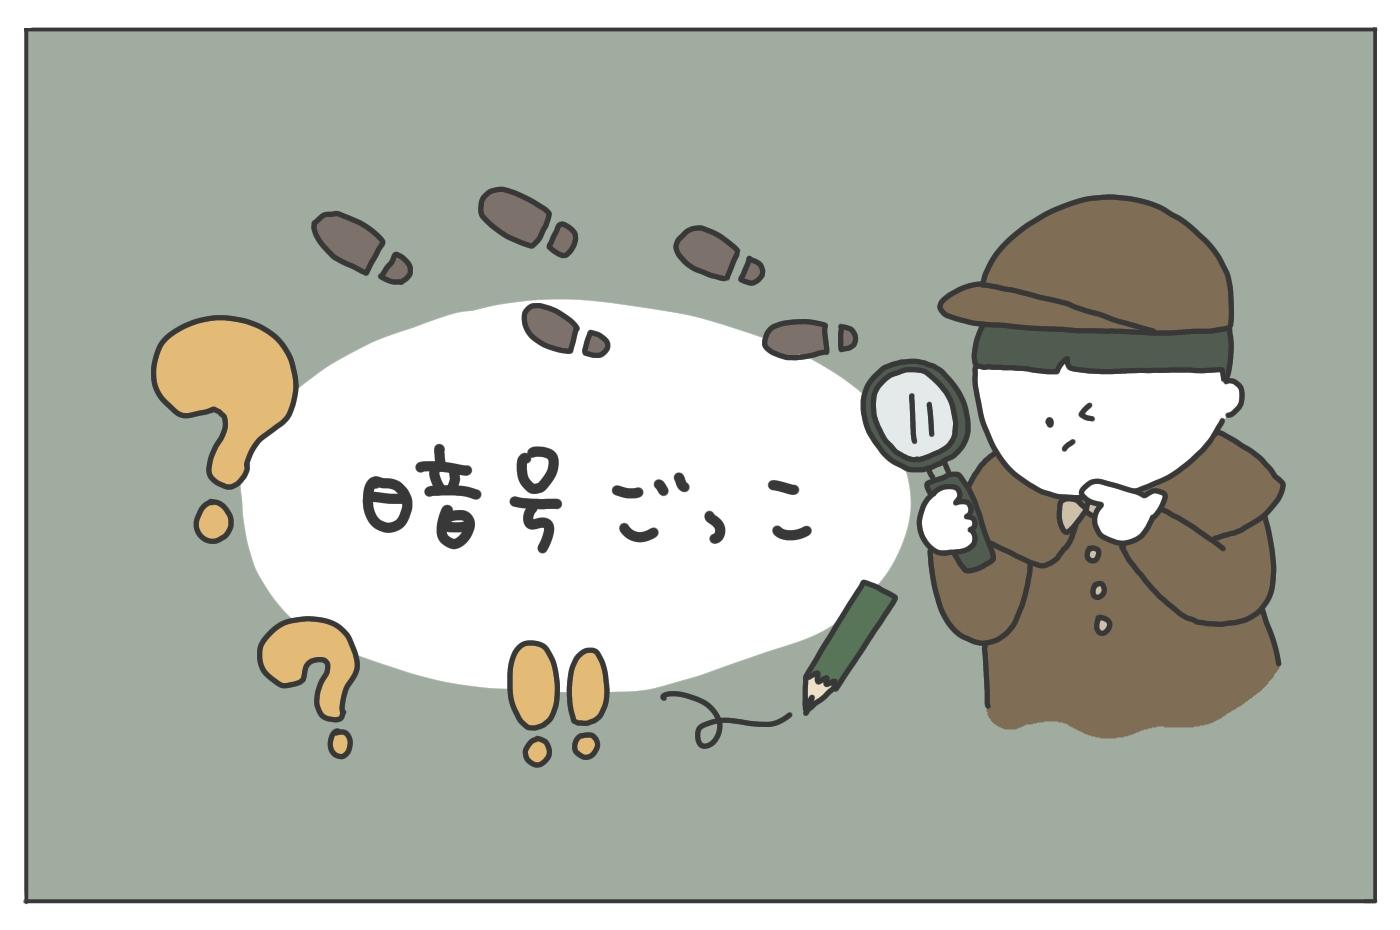 暗号ごっこ(宝さがしゲーム)